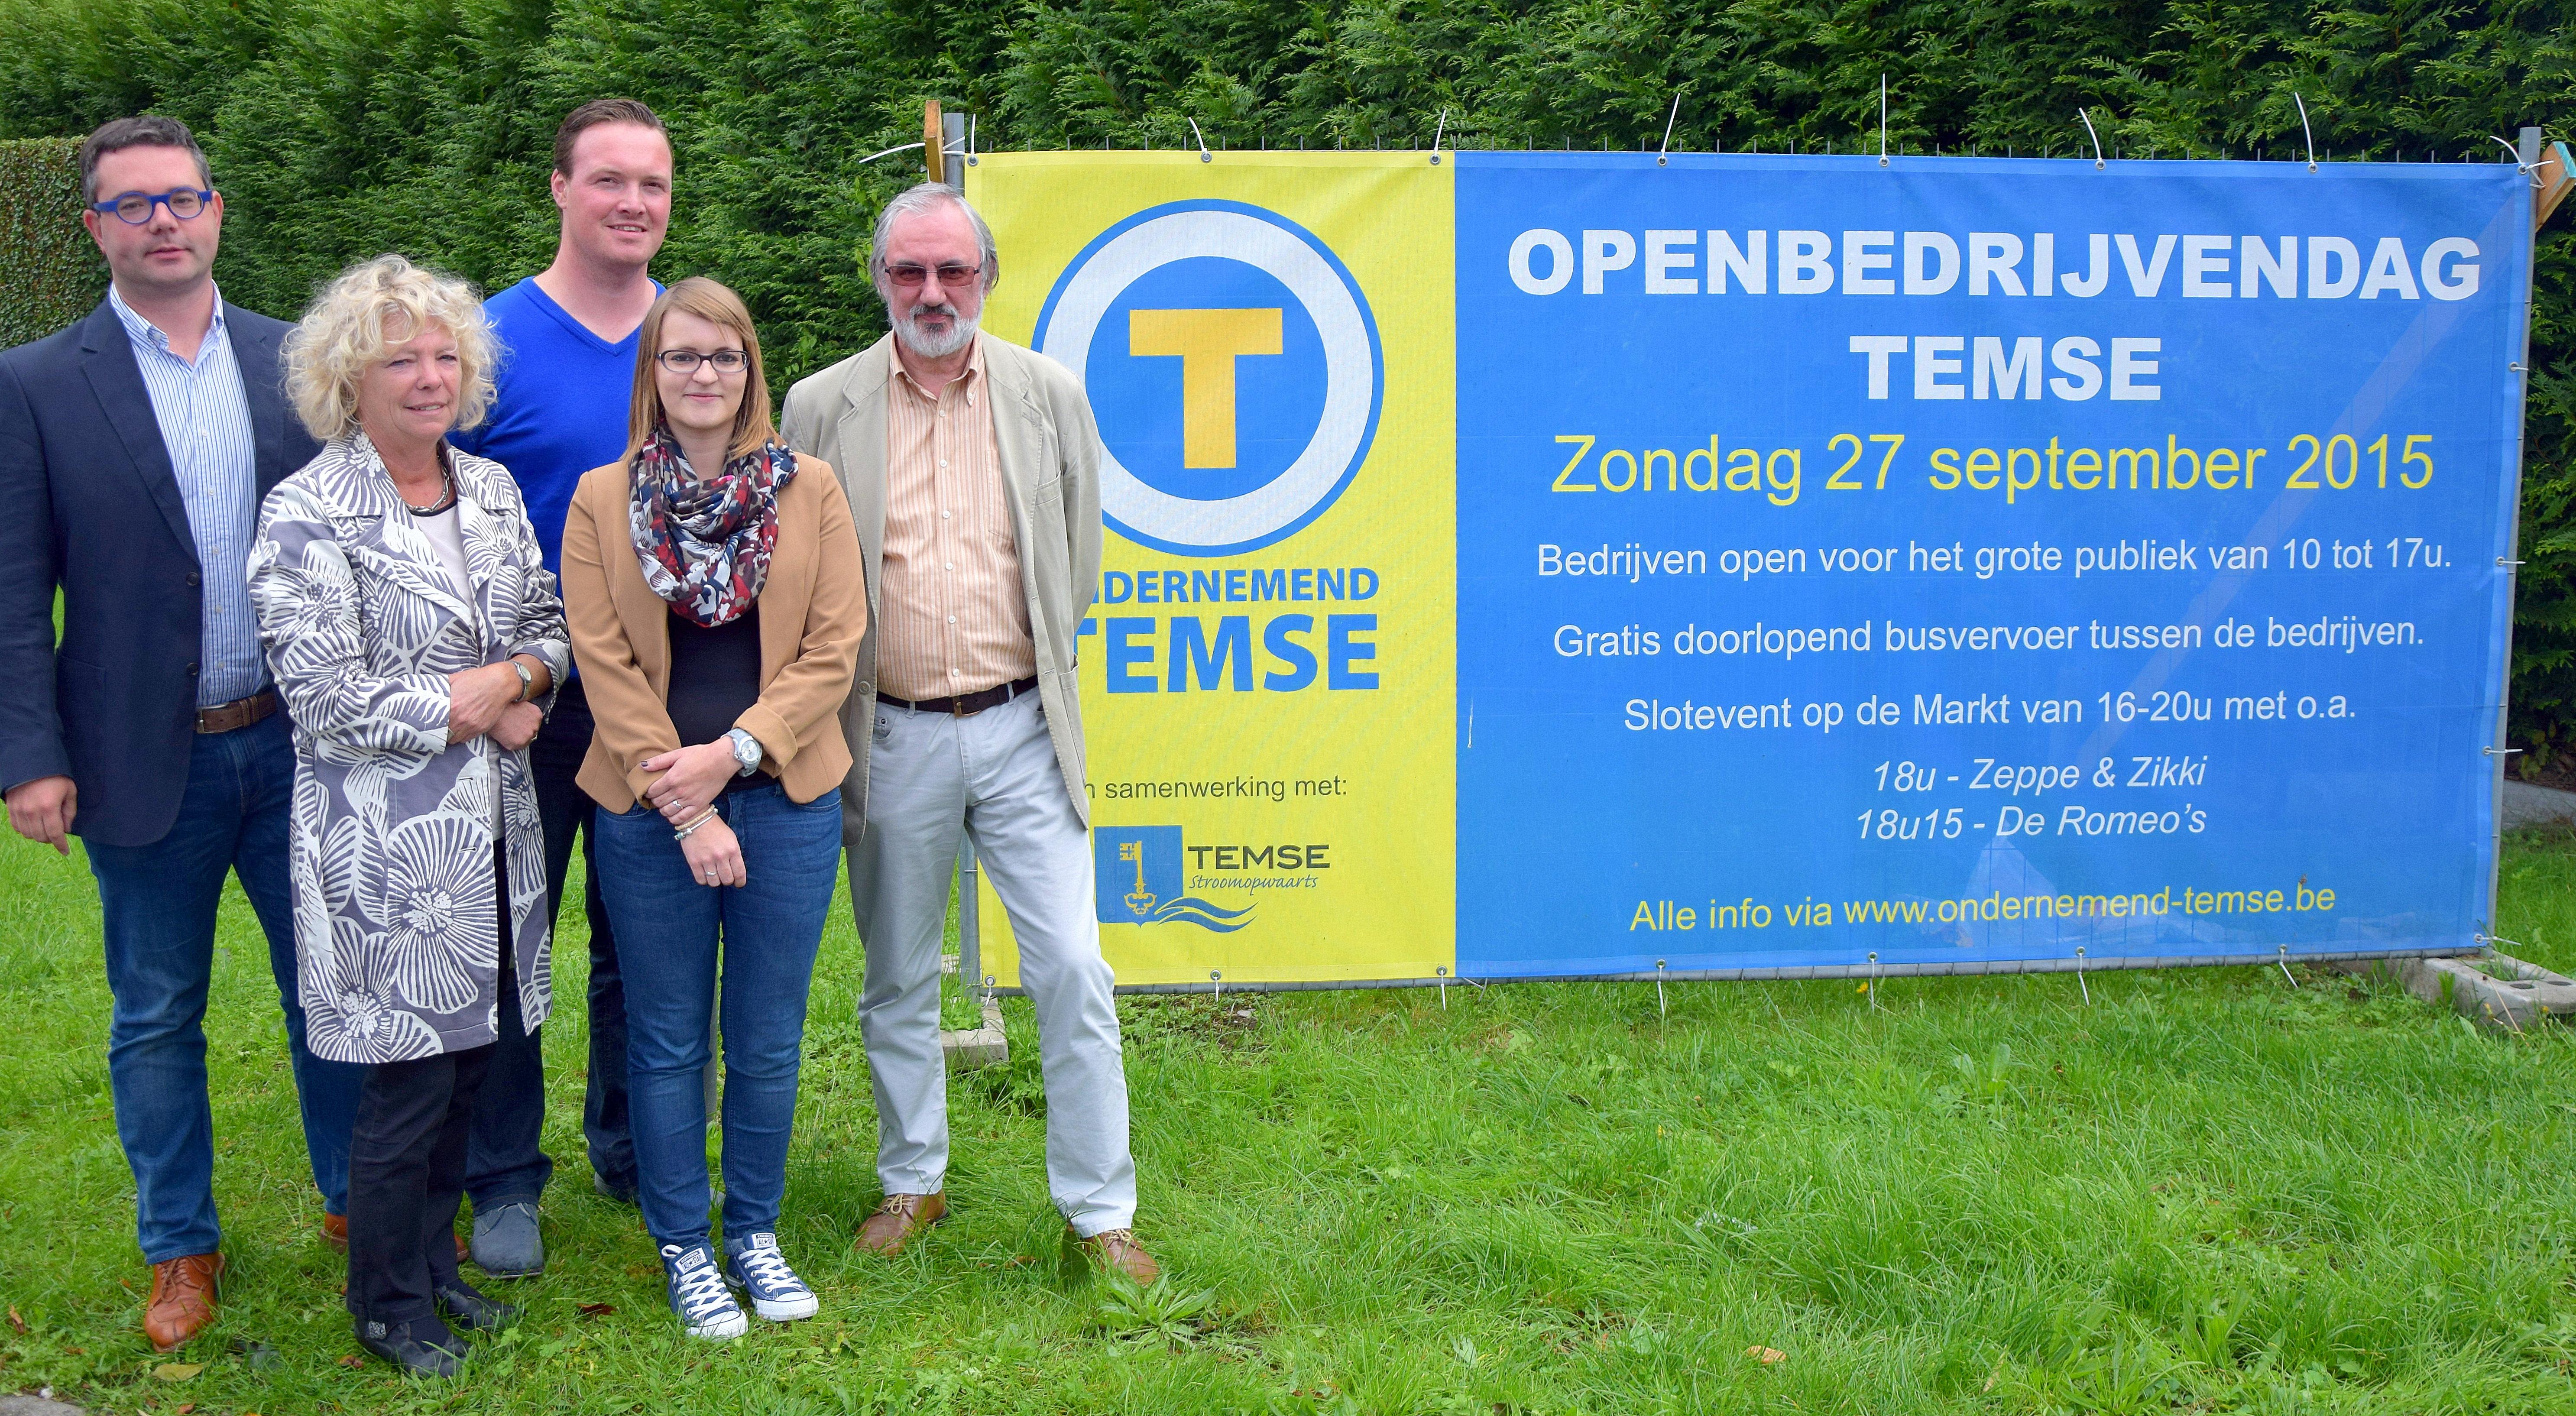 Openbedrijvendag Temse 2015